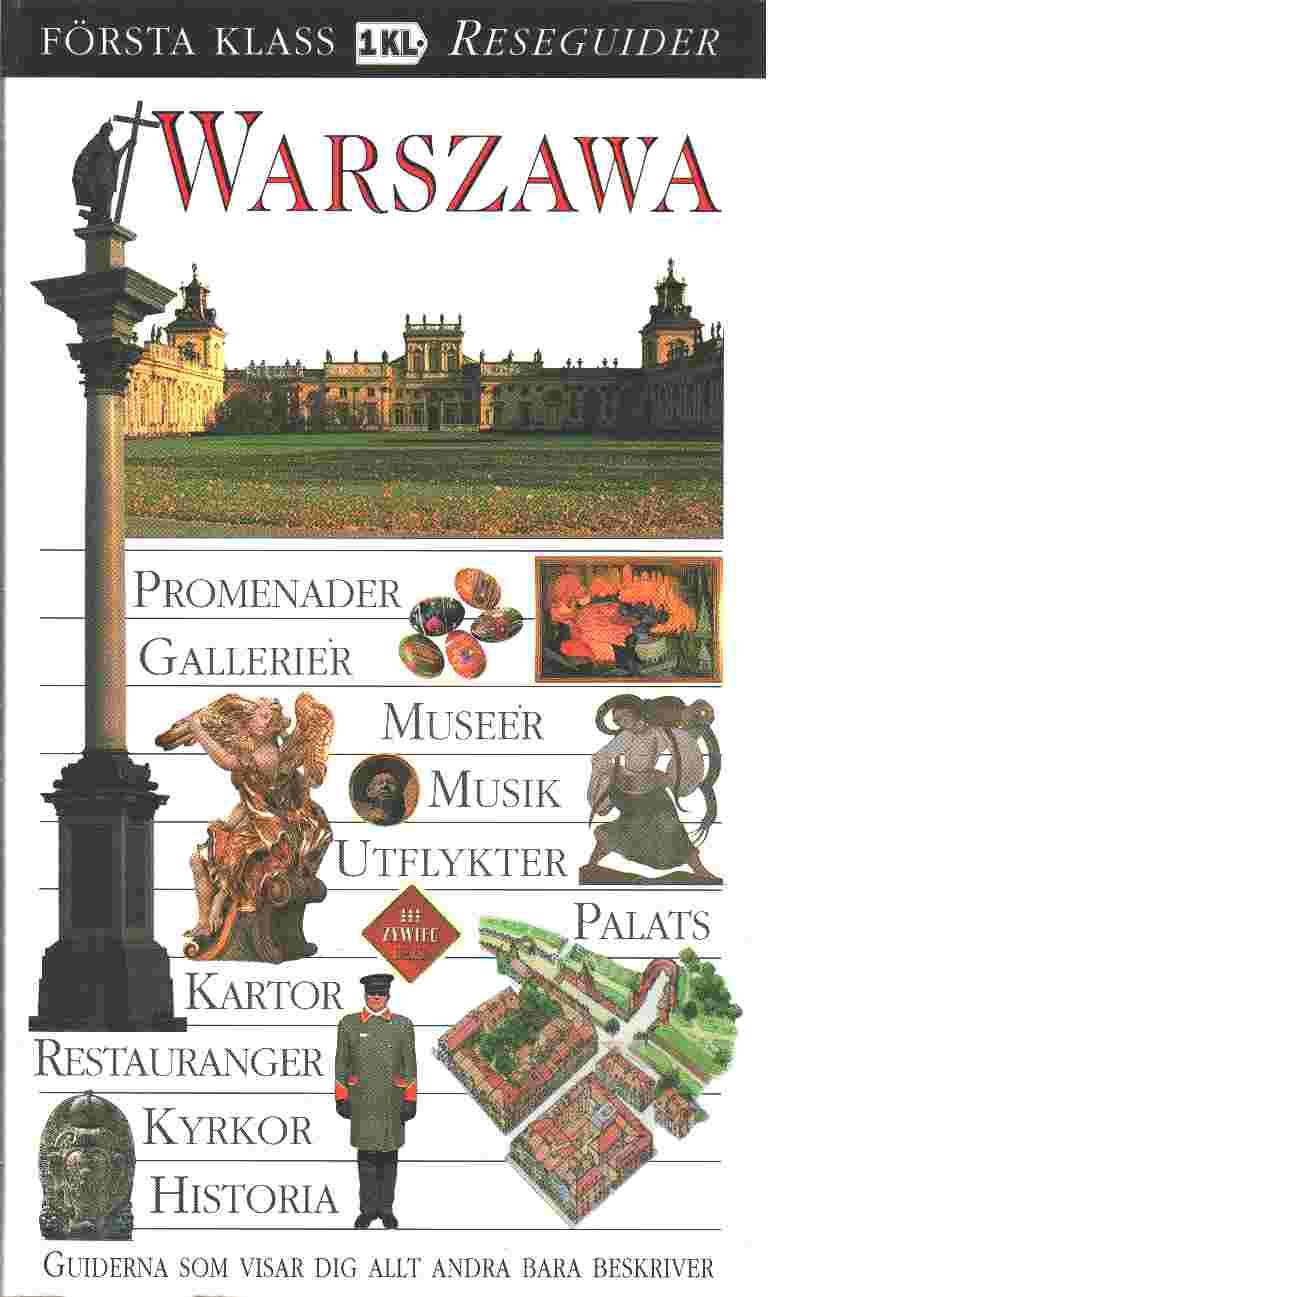 Warszawa : promenader, gallerier, museer, musik, utflykter, palats, kartor, restauranger, kyrkor, historia - Omilanowska, Malgorzata   och  Majewski, Jerzy S.